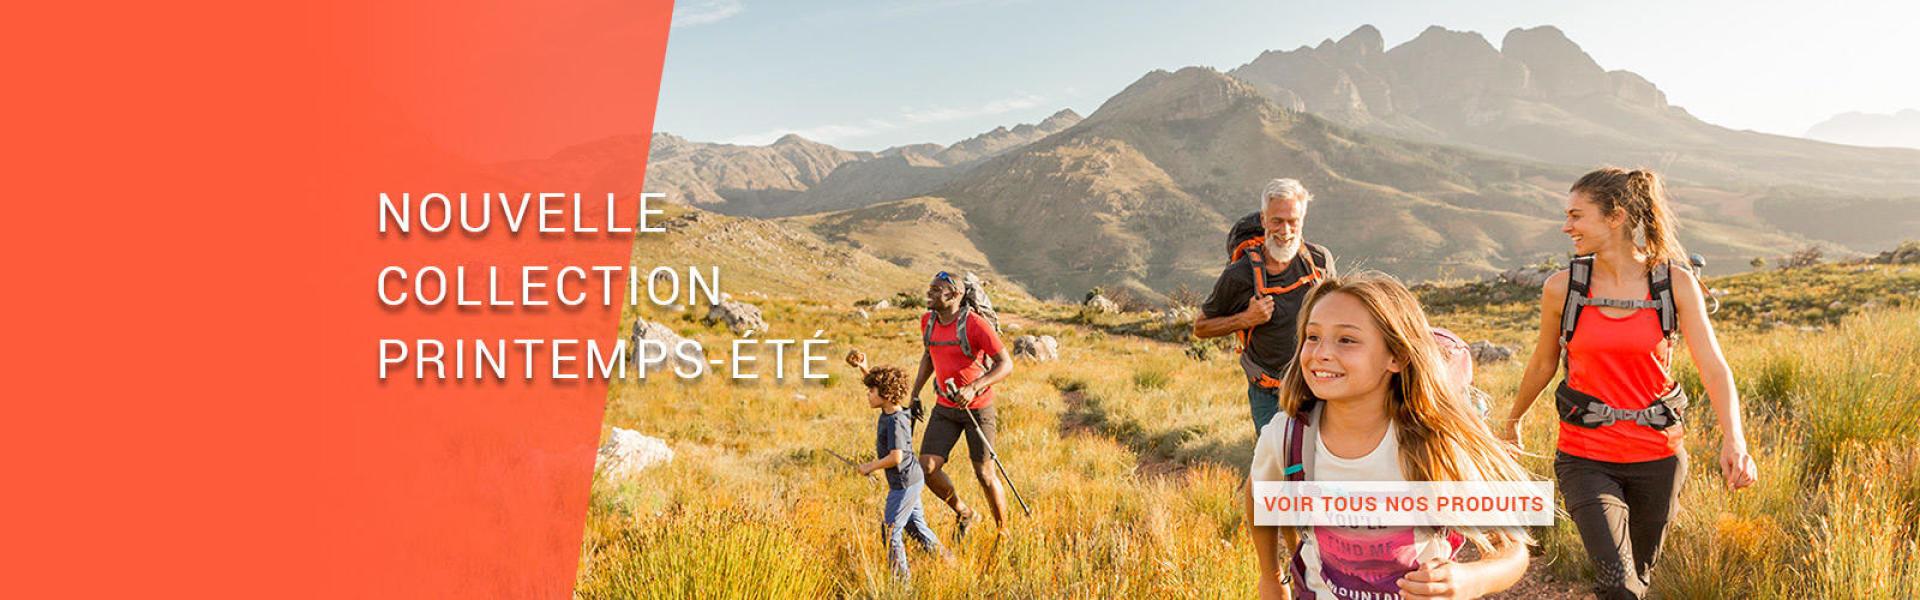 boutique produits randonnée quechua decathlon